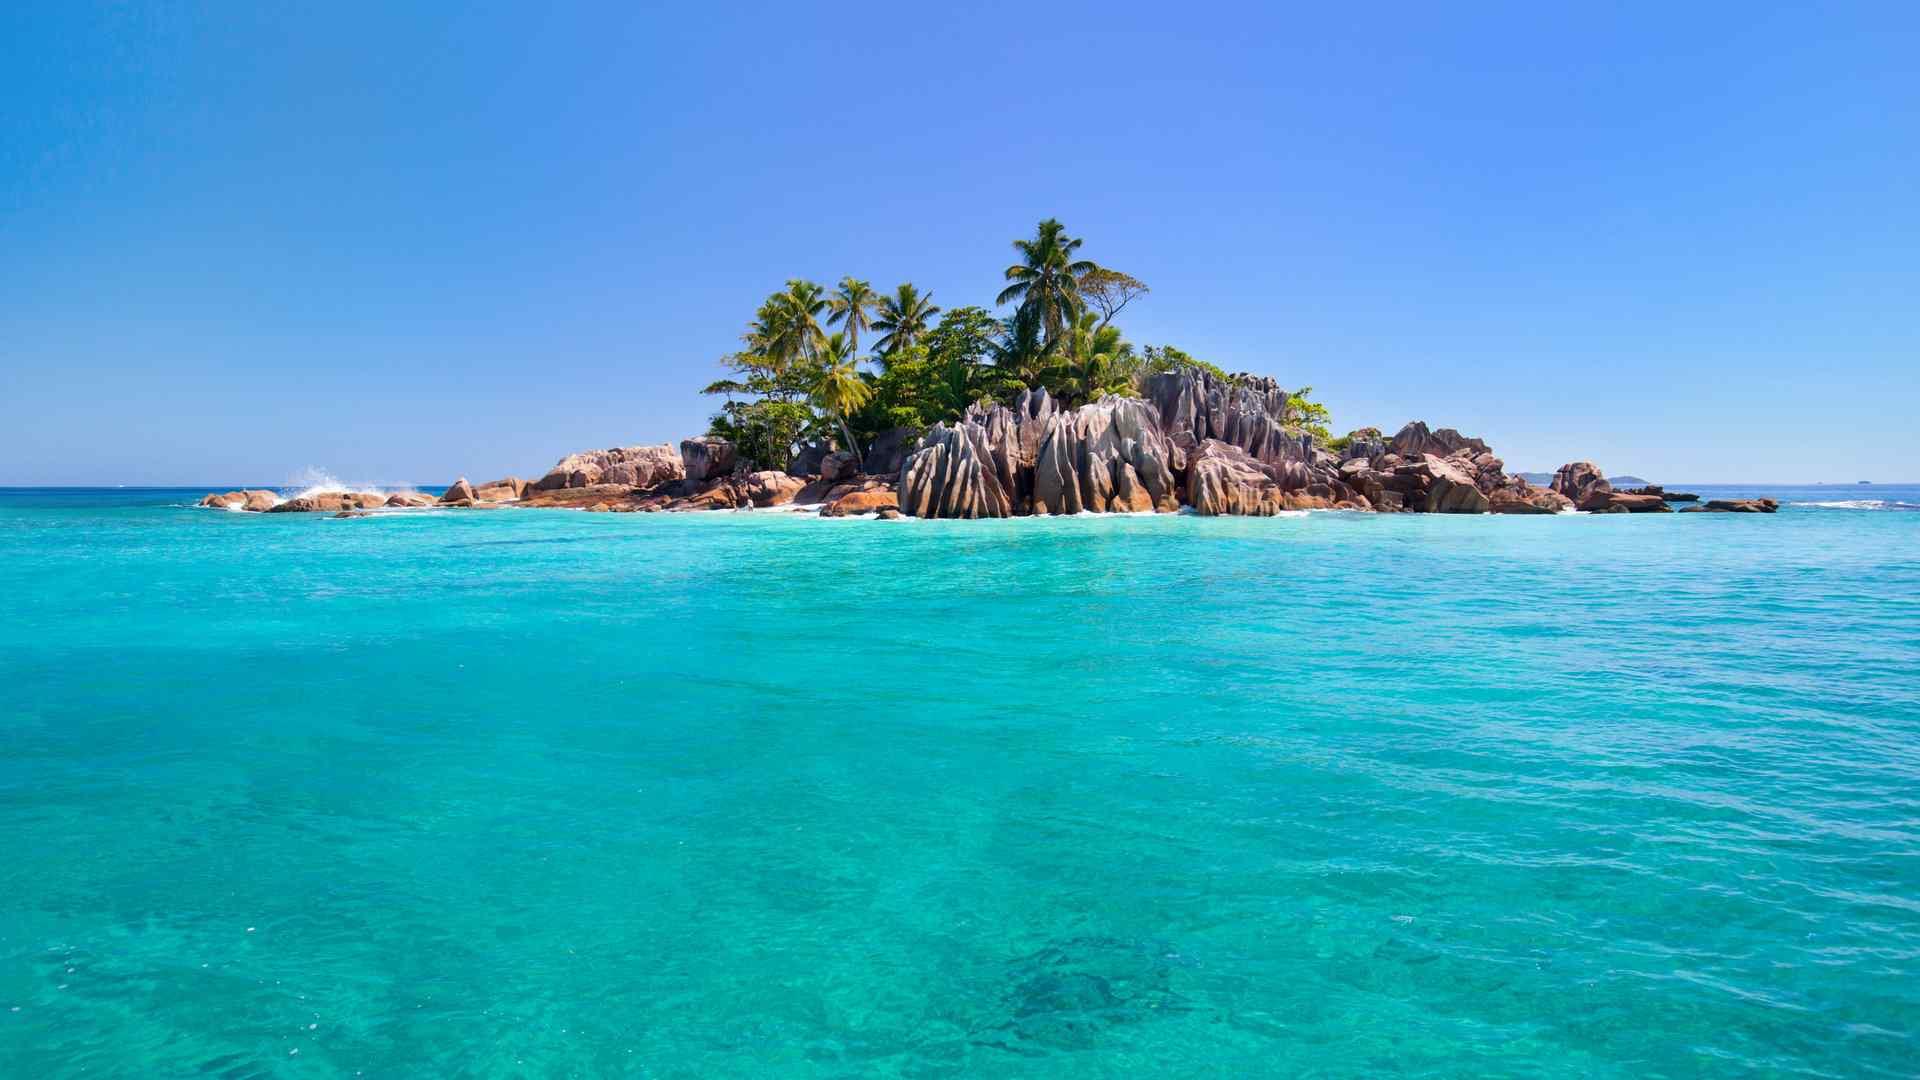 蔚蓝的大海中海岛图片高清电脑壁纸